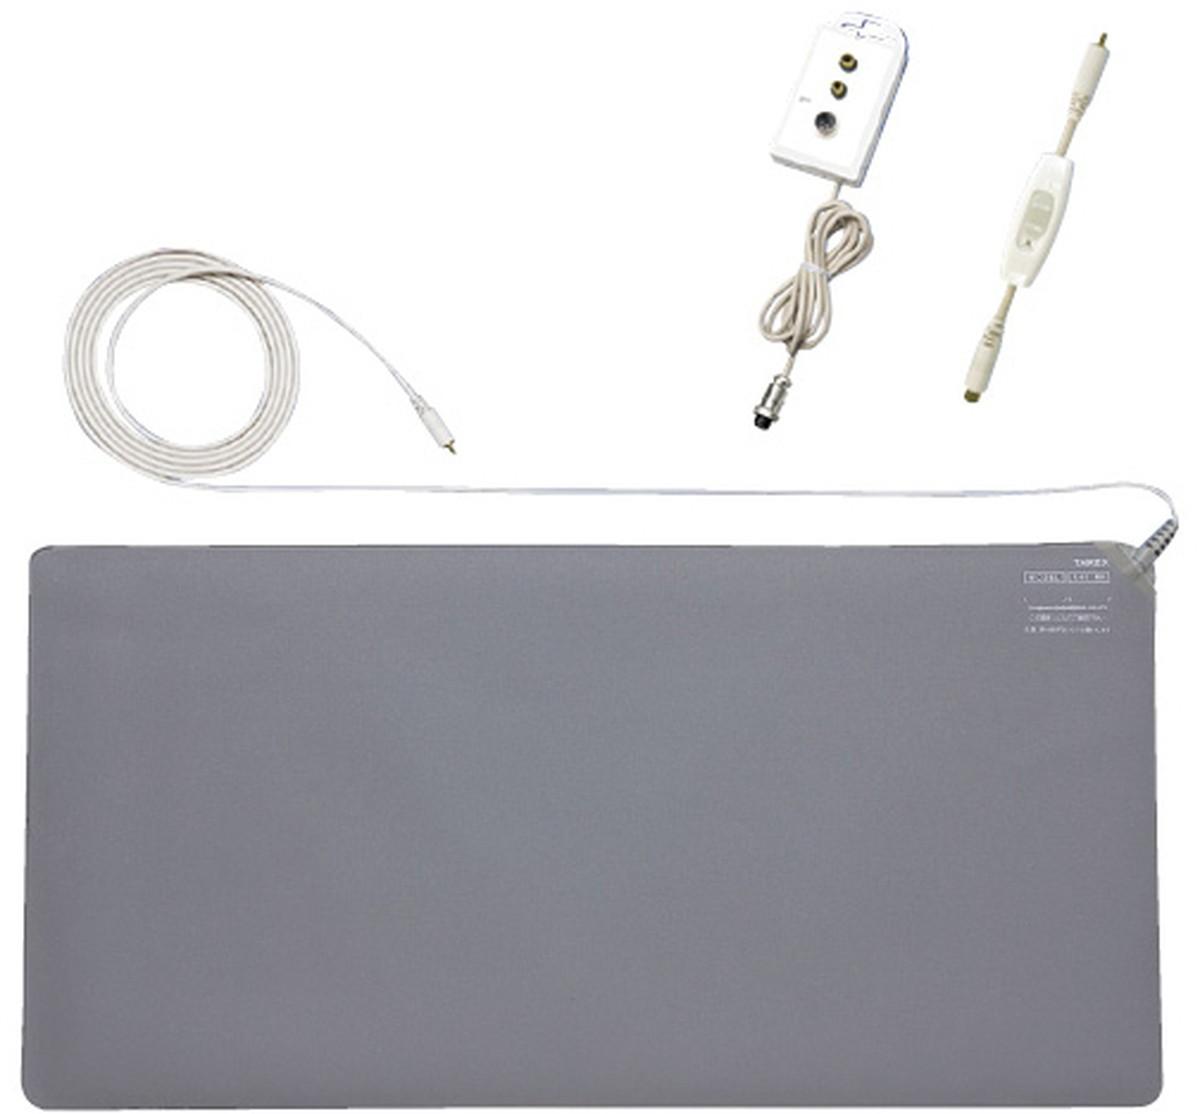 【送料無料】-マットセンサー(ローコストタイプ) MA-48(400X800MM) 品番 my24-5231-00-- 1入り-【MY医科器機】